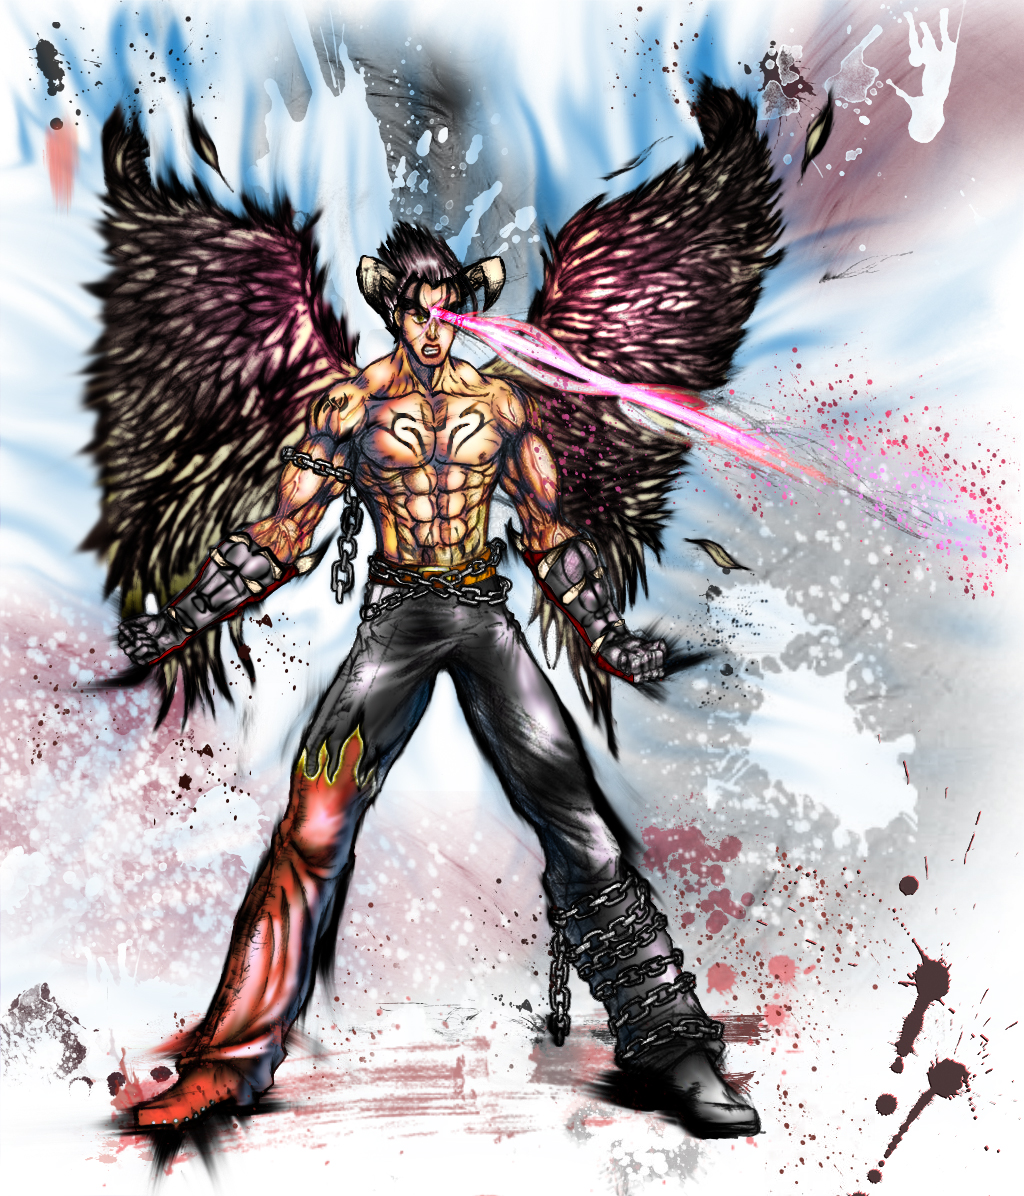 devil_jin_kazama___SF4_STYLE_by_swordofdeath